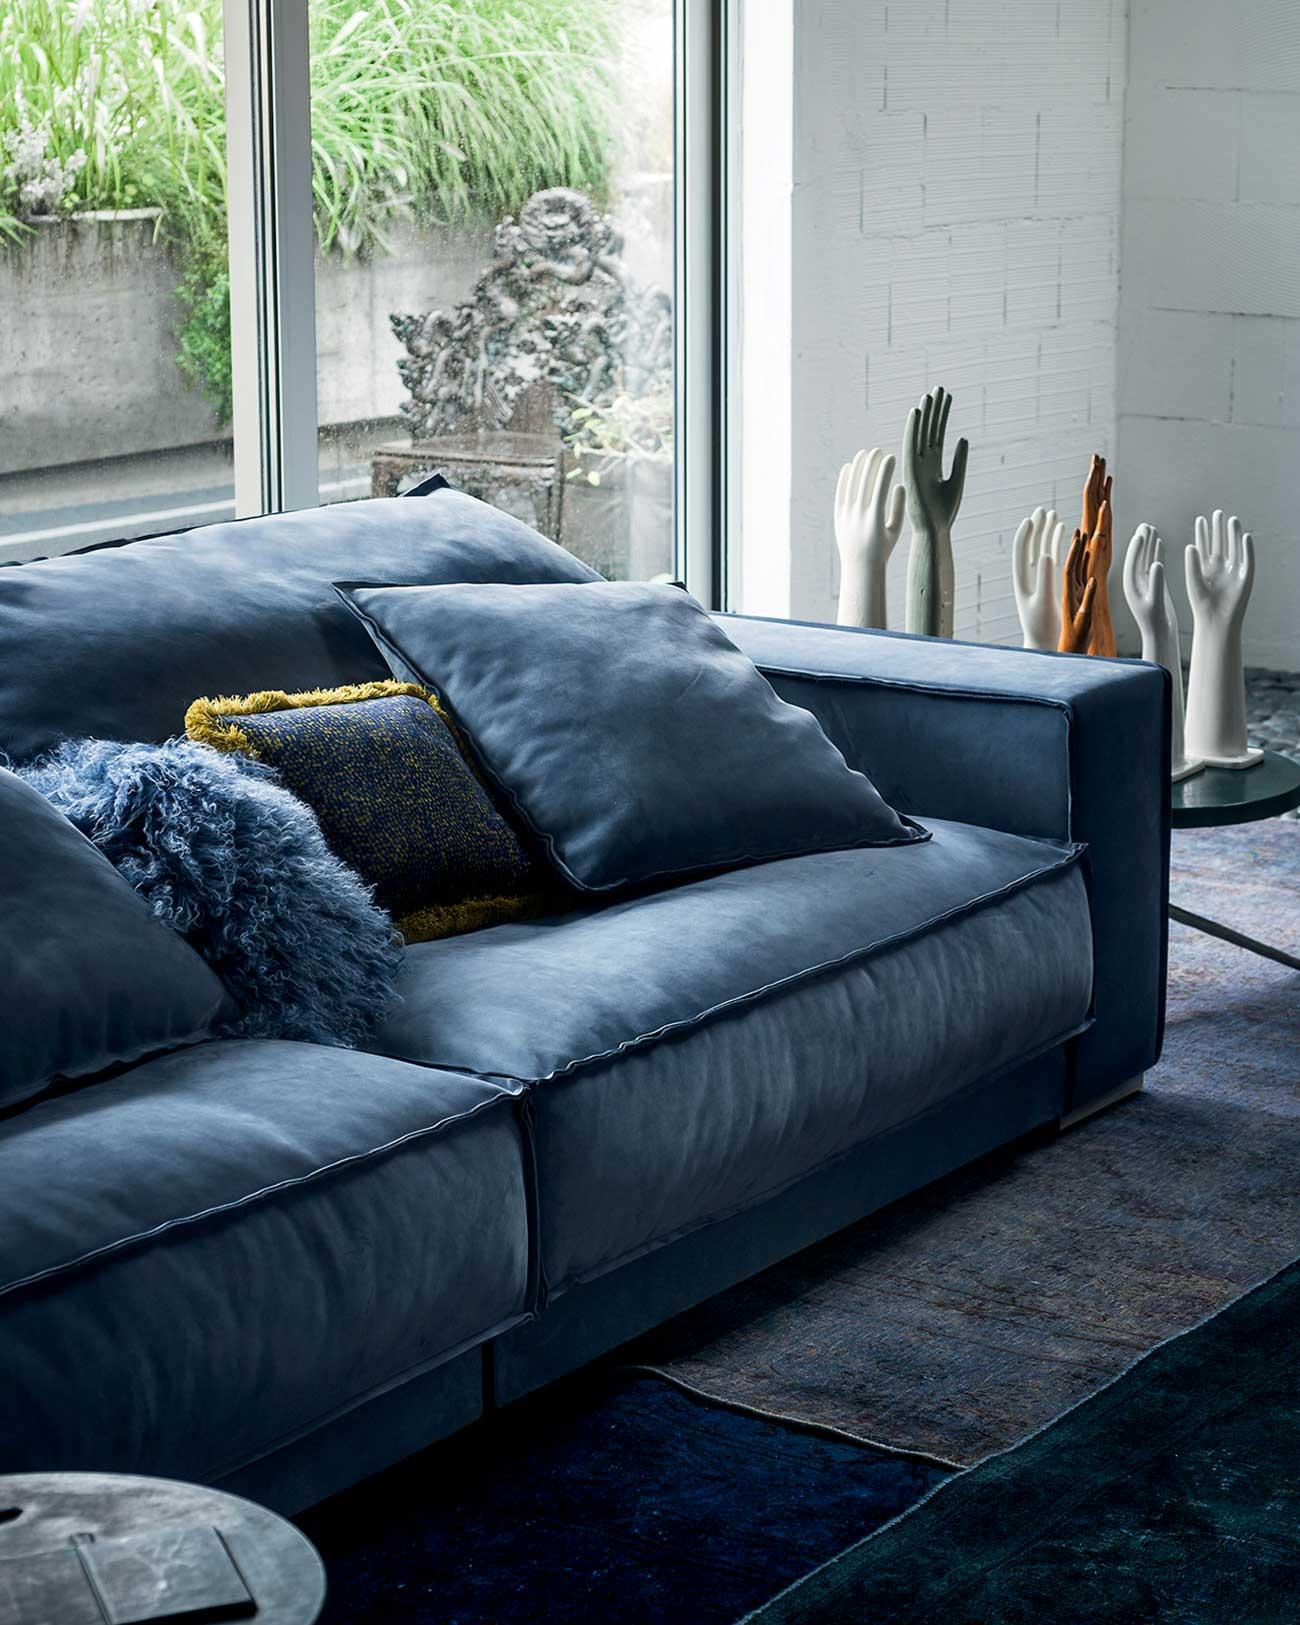 divani in pelle nabuk prodotto da Baxter, colore blu intenso